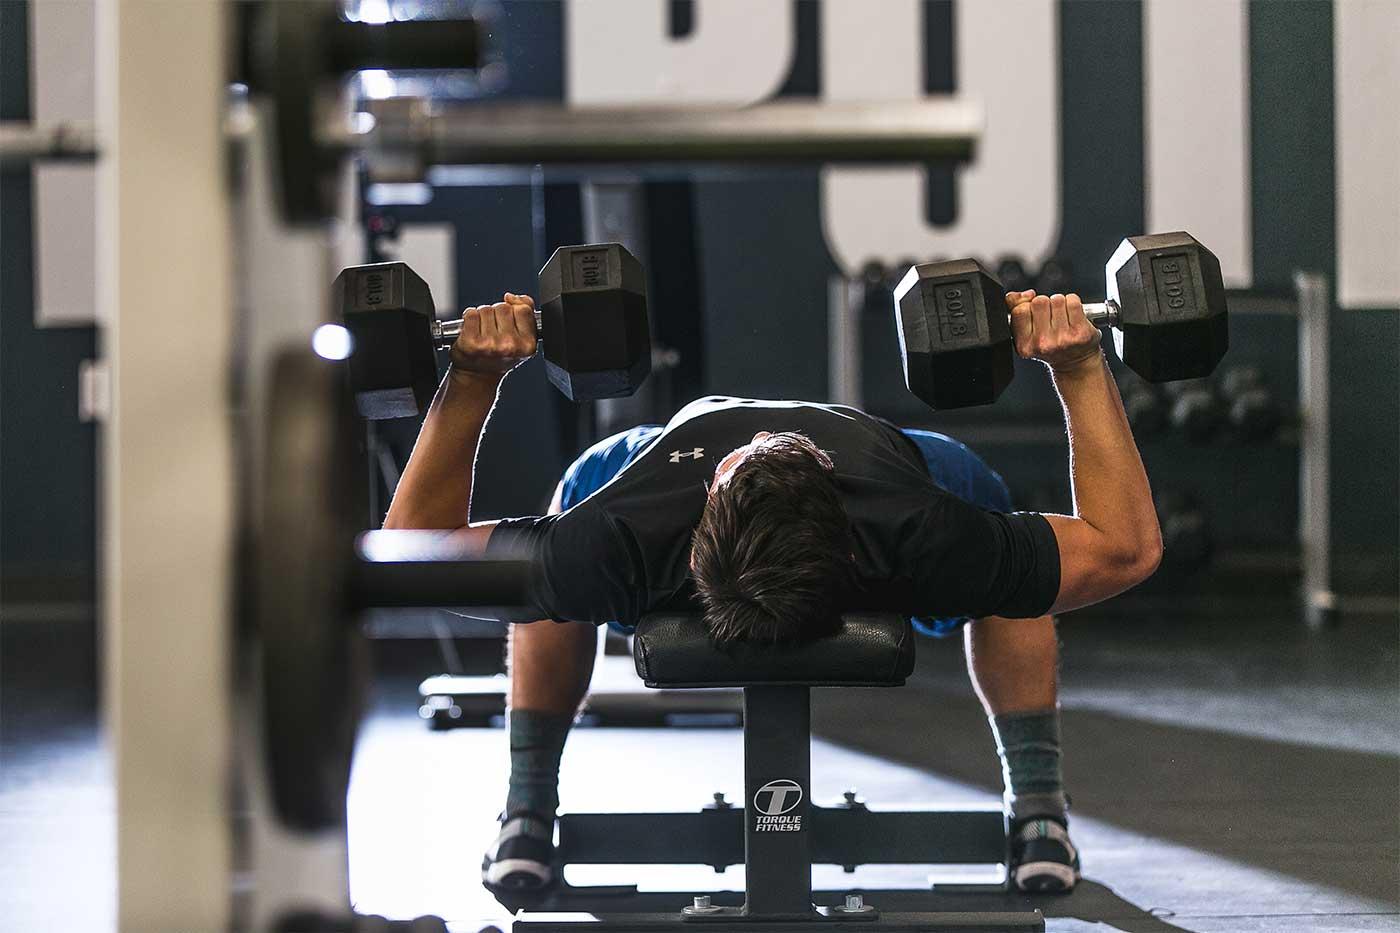 _High-School-Athletic-training-1-GW-58.jpg